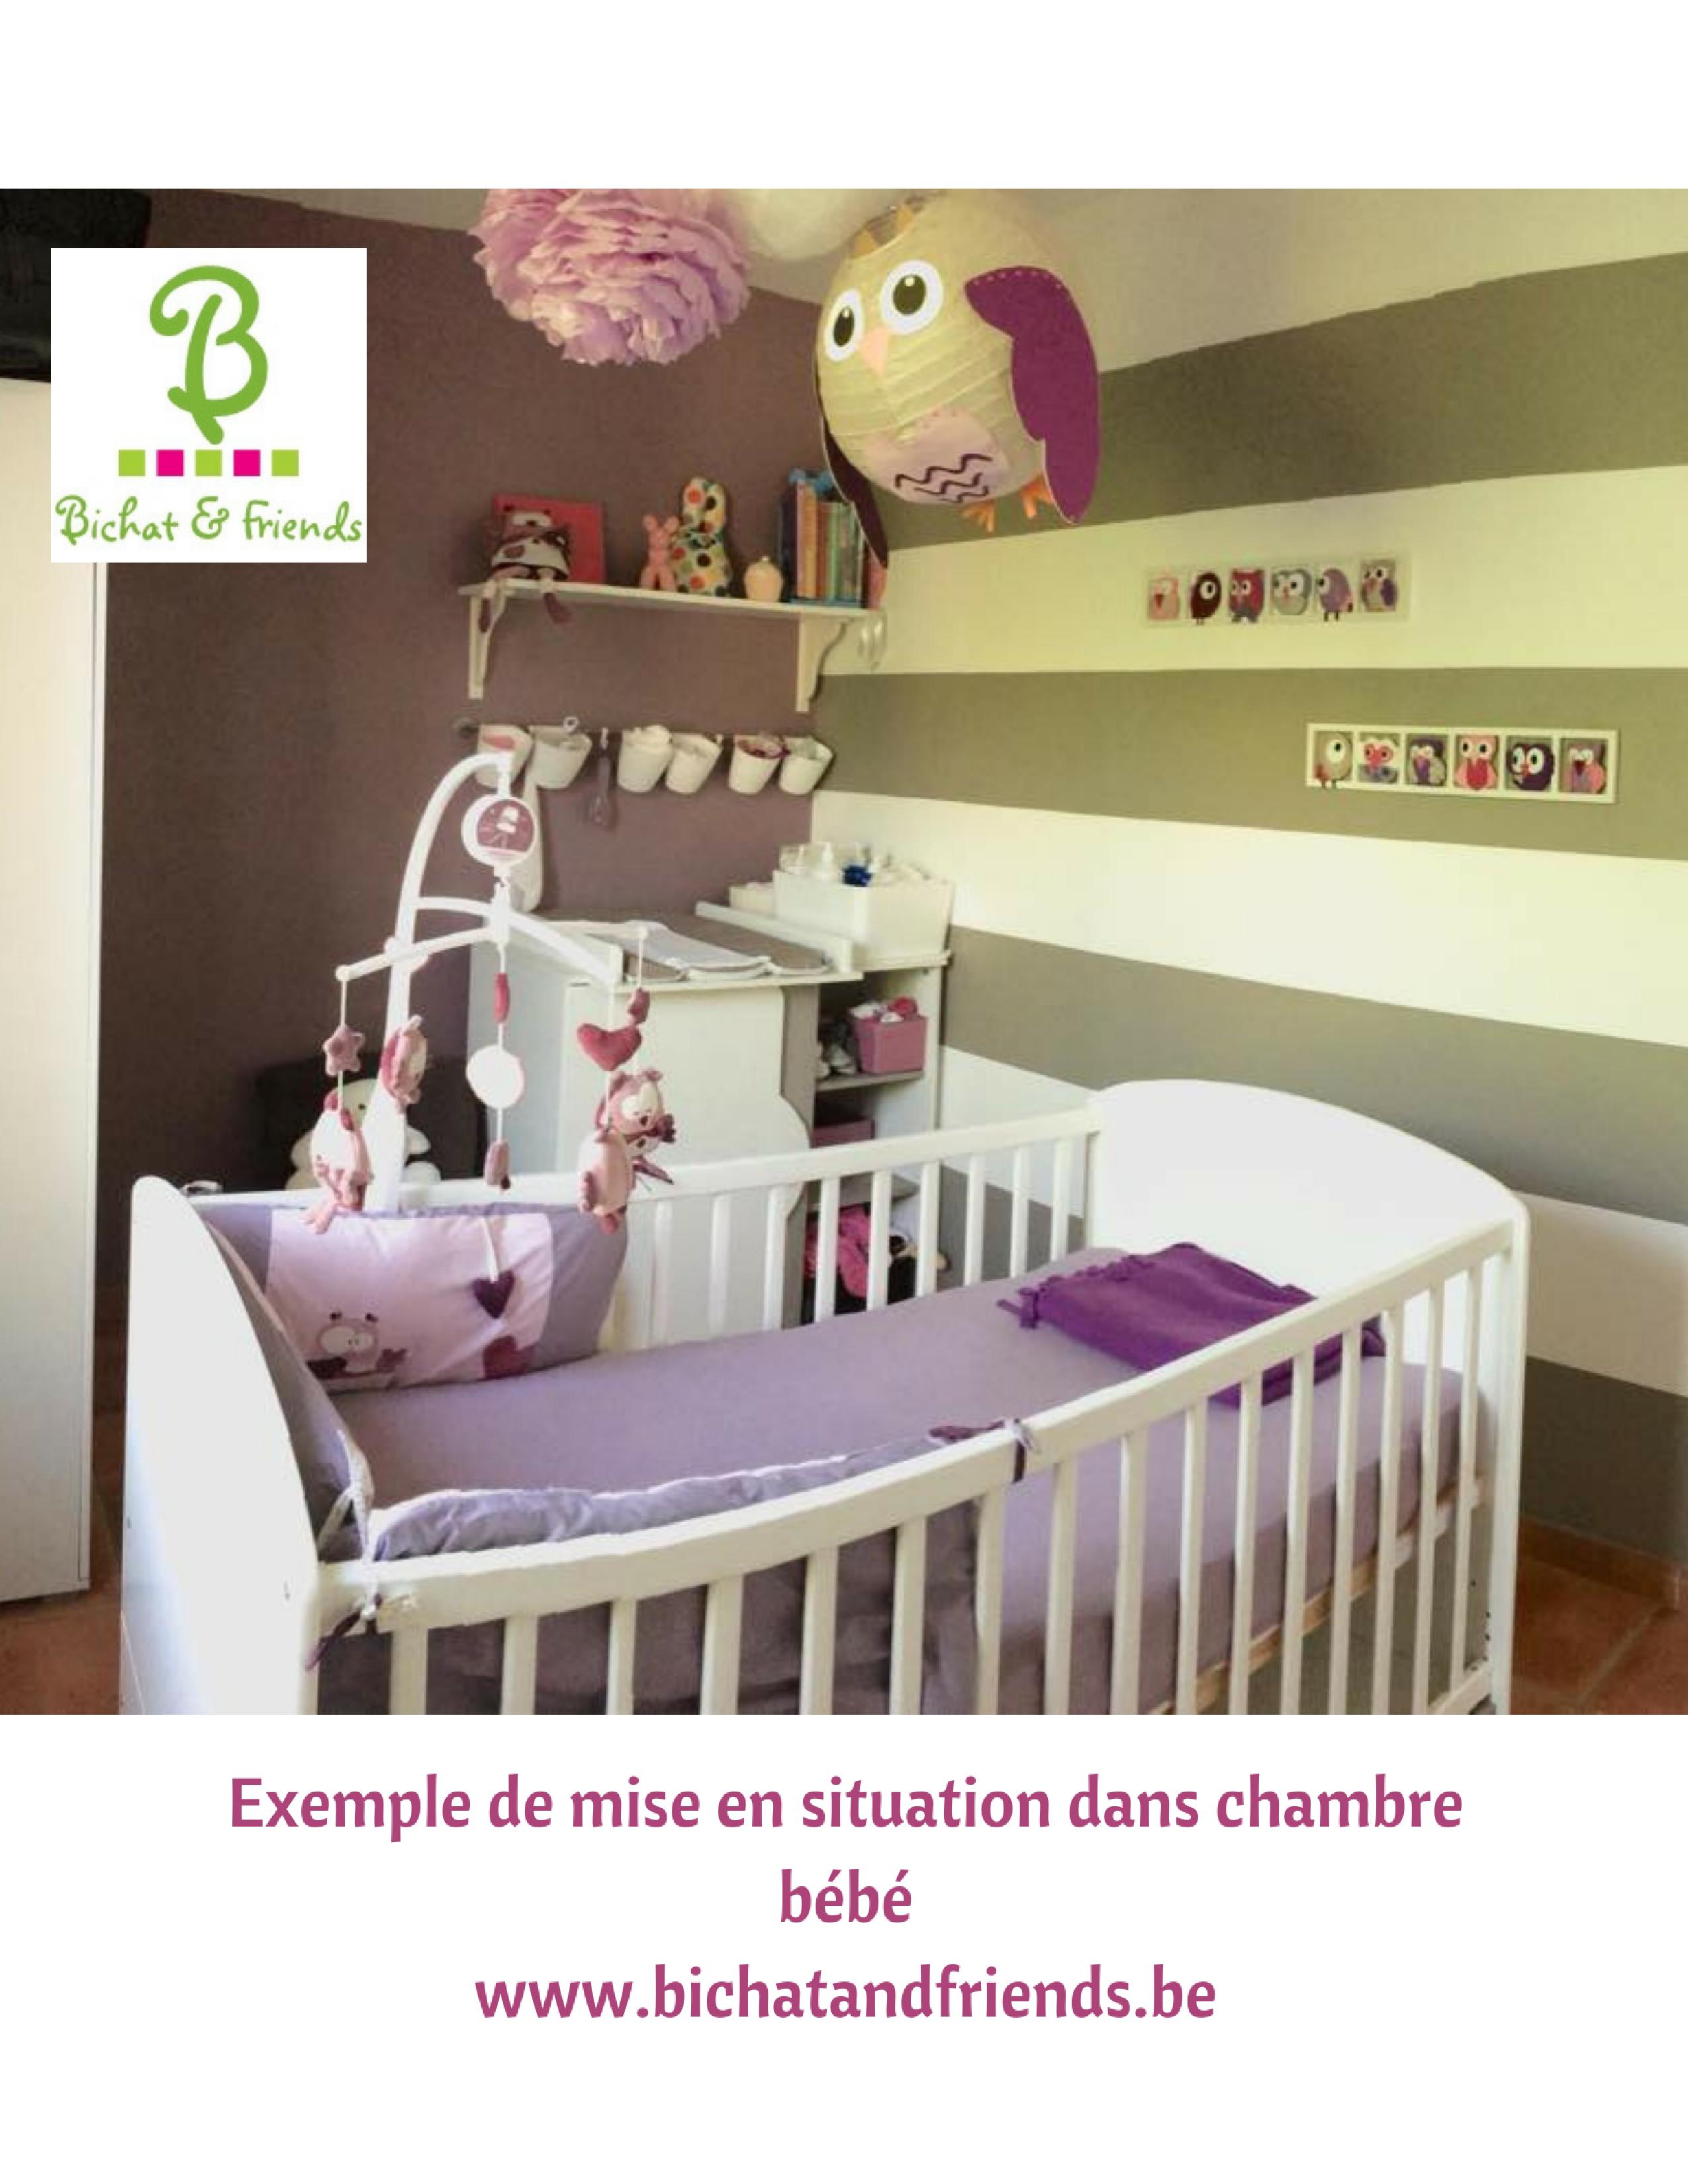 Idée décoration chambre enfant et bébé. Cadre decoratif pour chambre - Tons  rose lila mauve beige.